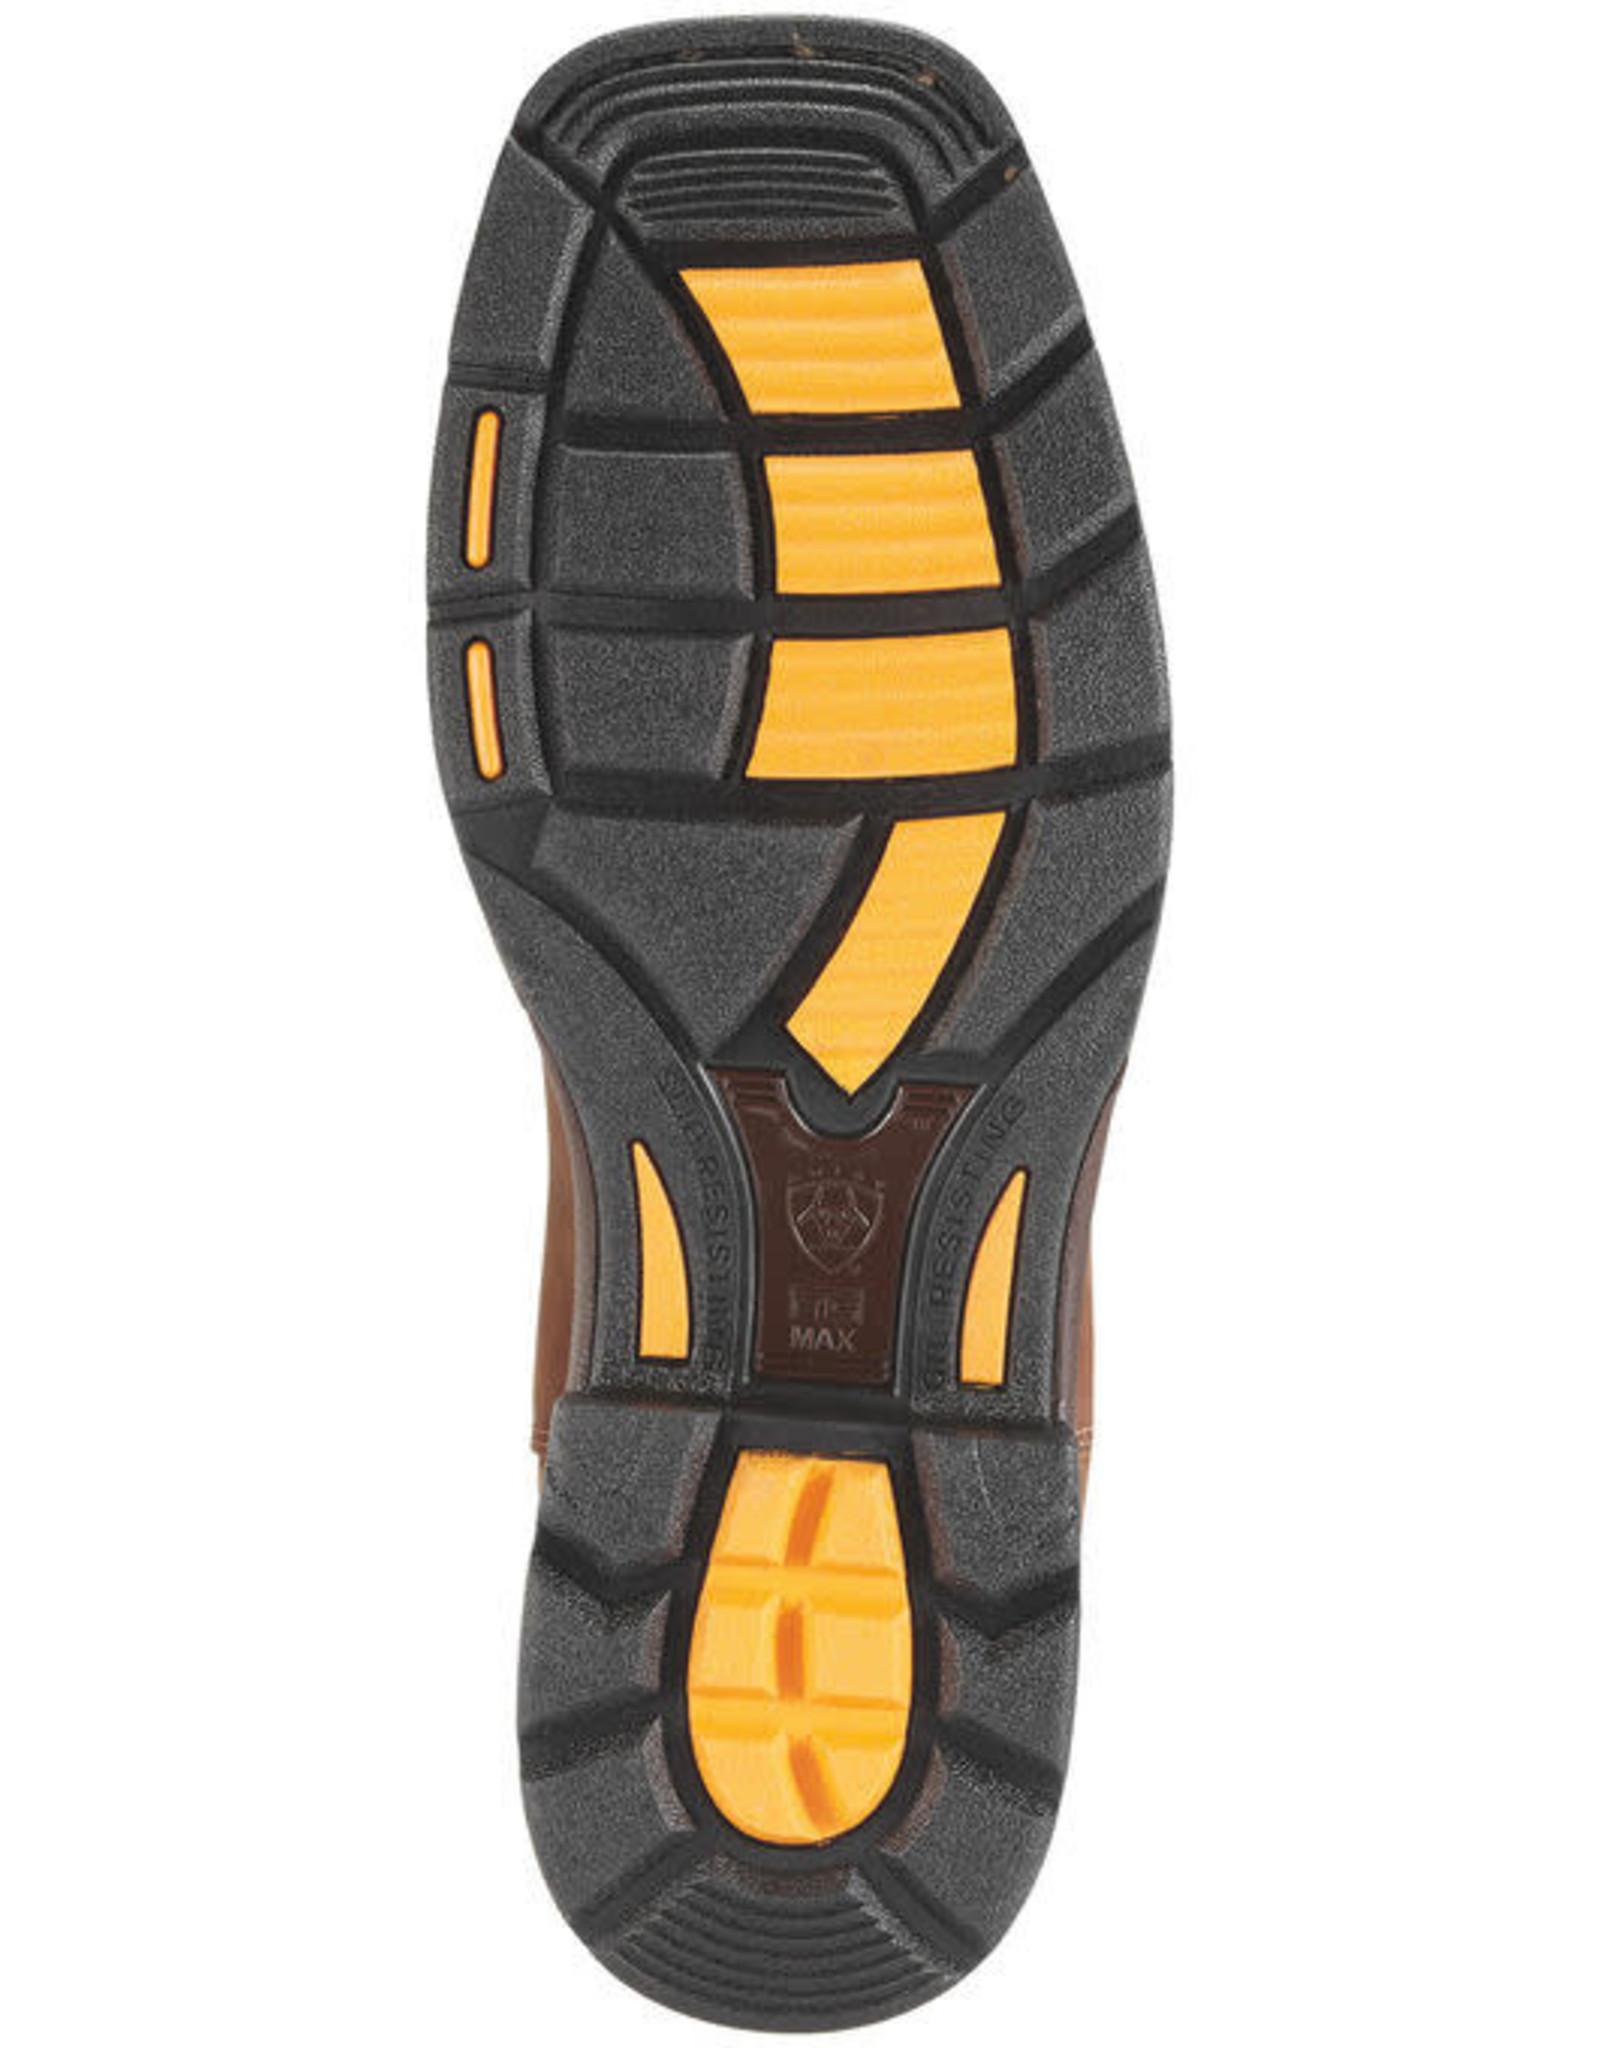 Ariat Ariat WorkHog Wide Square Toe Waterproof Steel Toe Work Boot